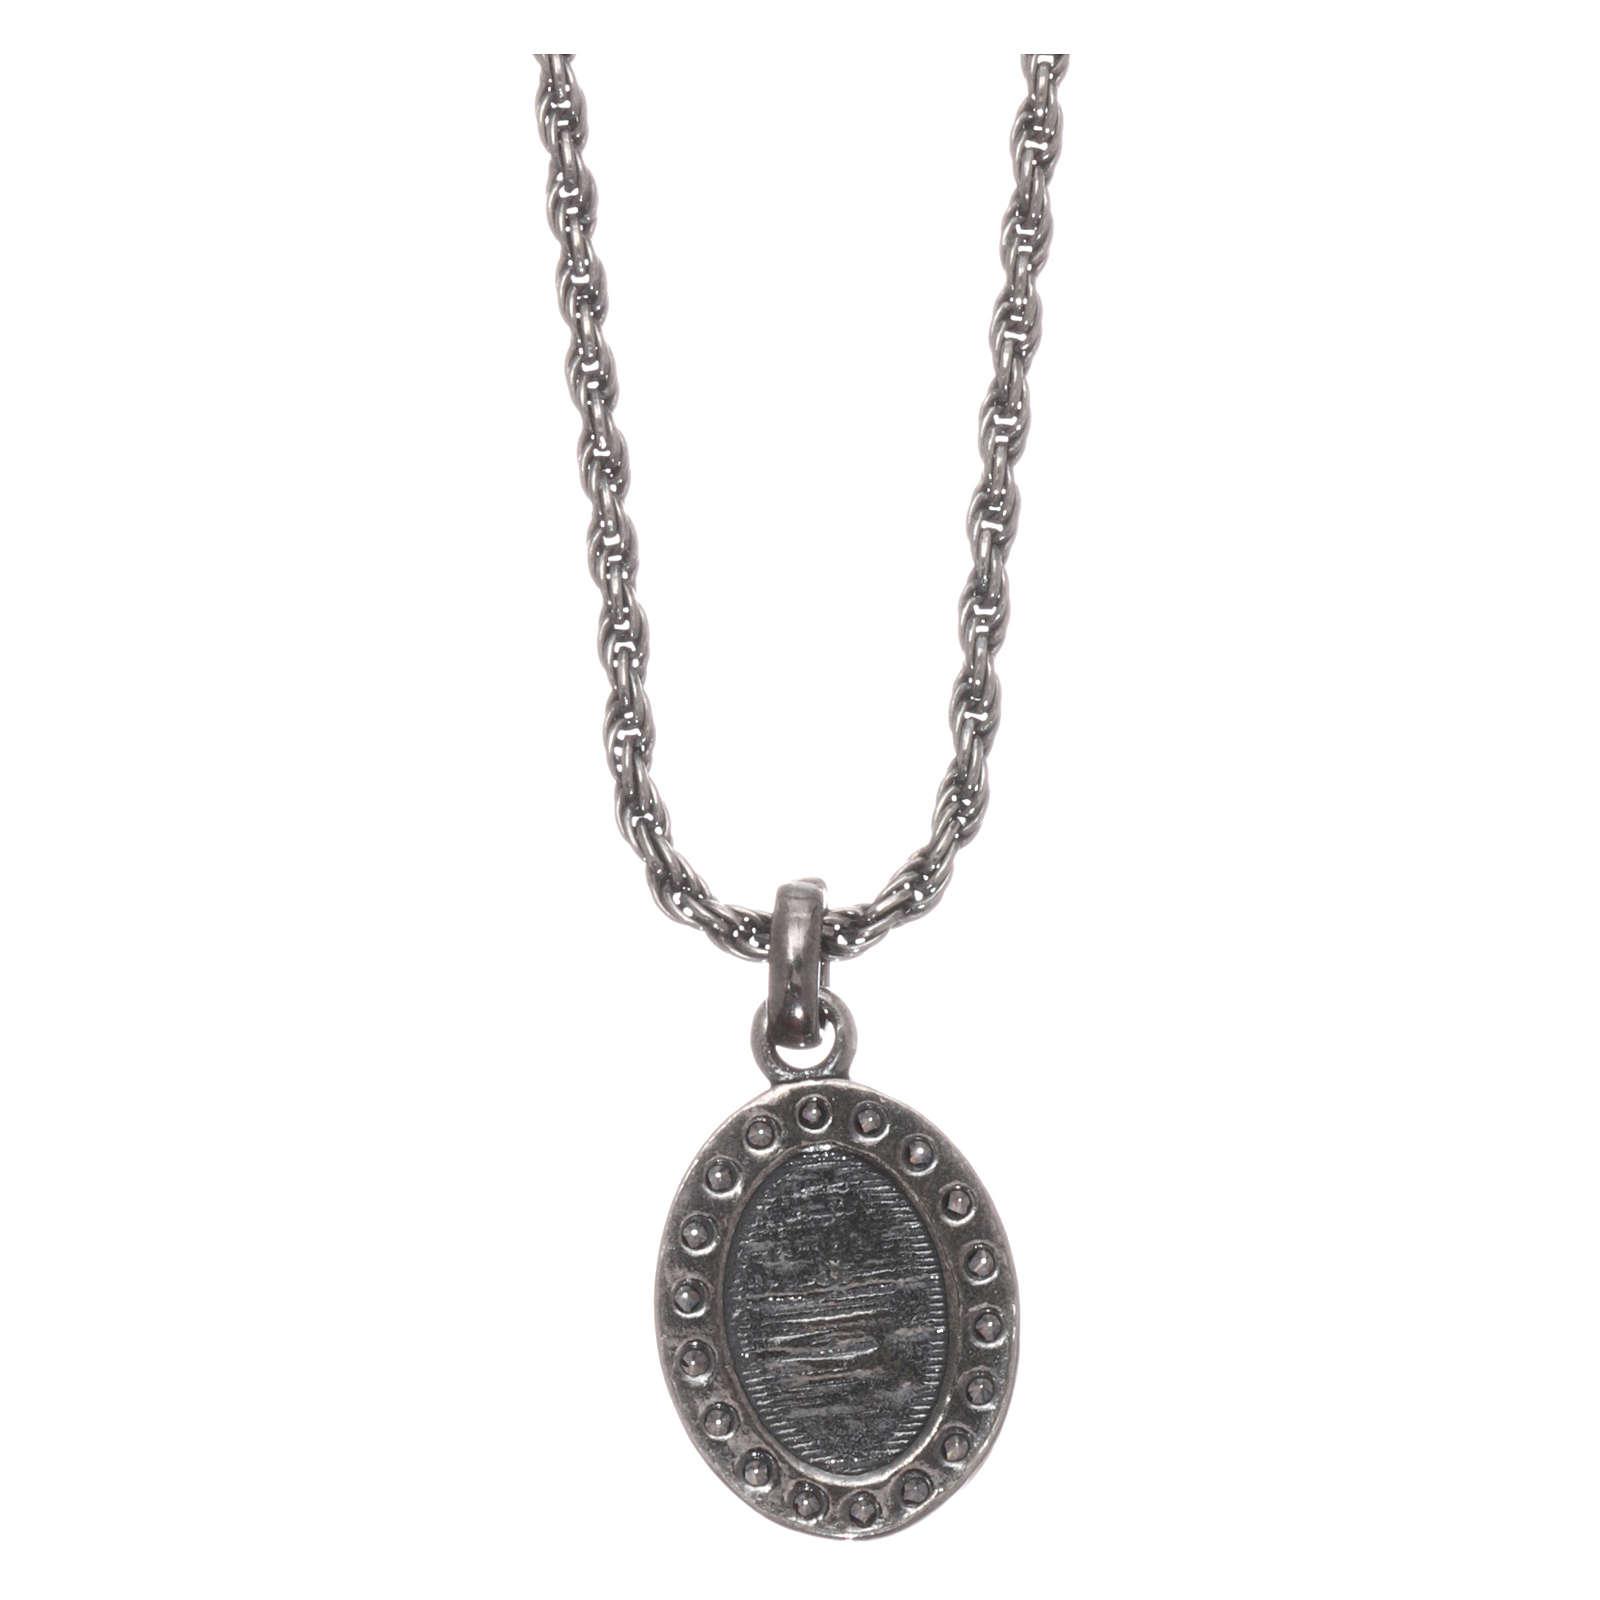 Kette AMEN getönten Silber 925 Votivherz mit Zirkonen 4